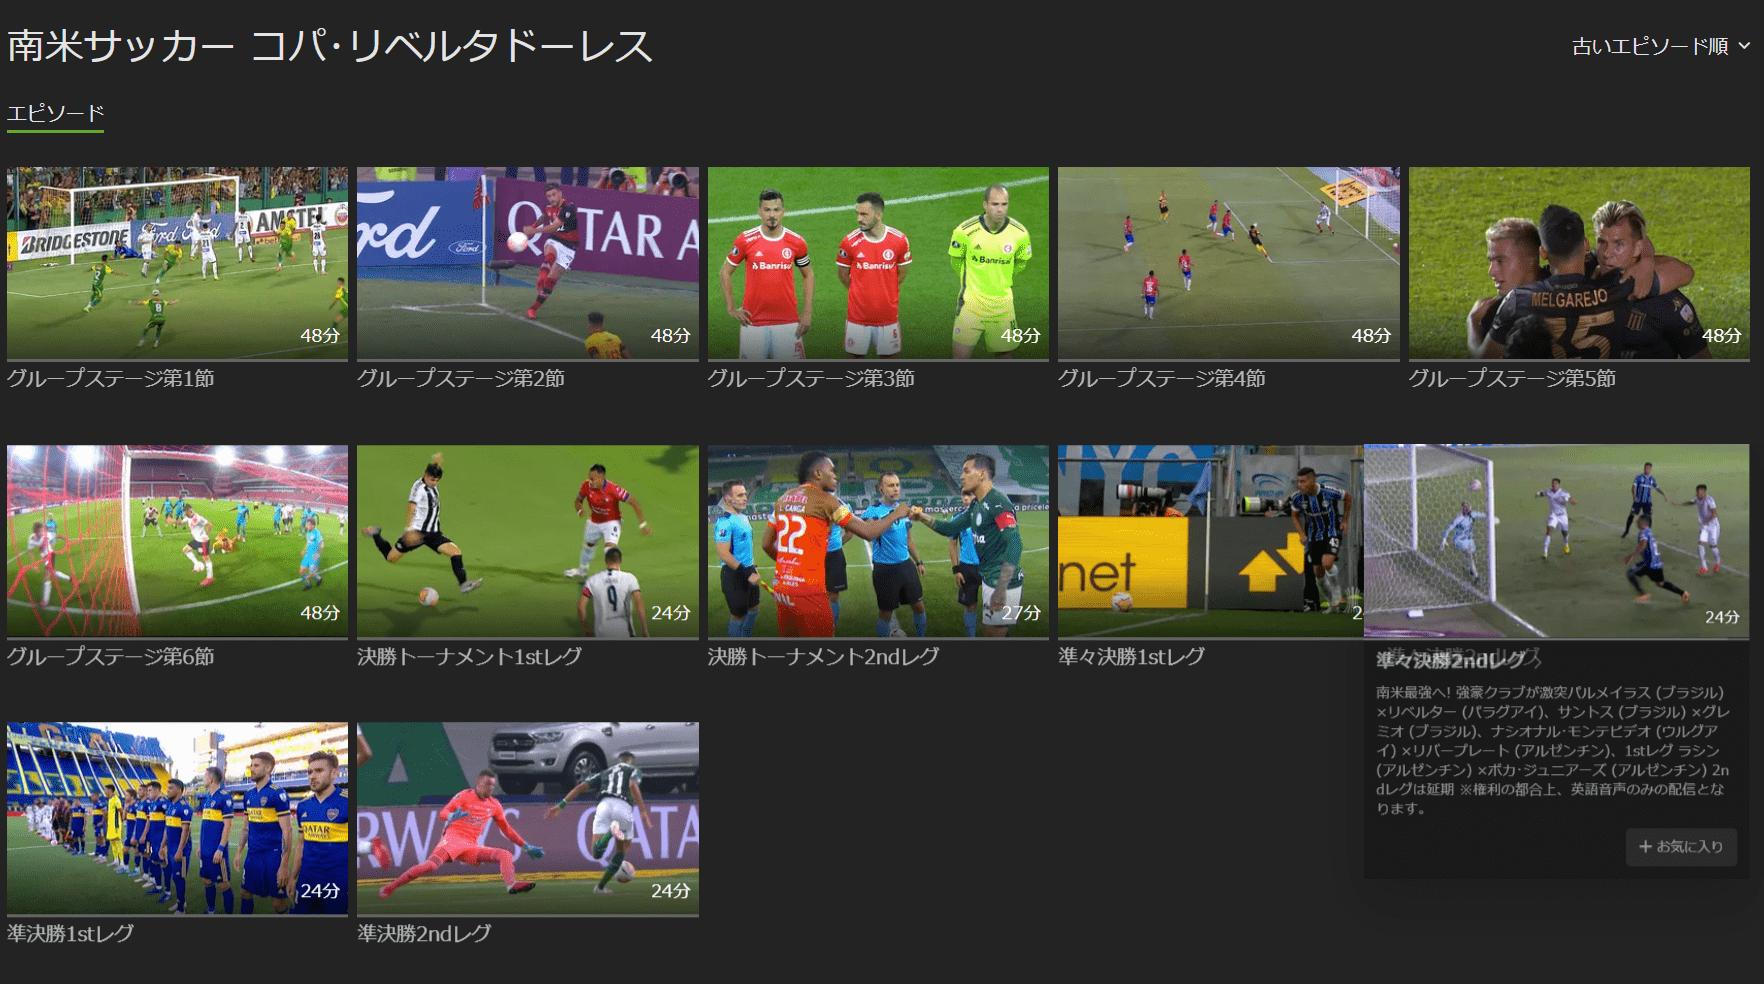 南米サッカーコパ・リベルタドーレス_Huluハイライト_各試合